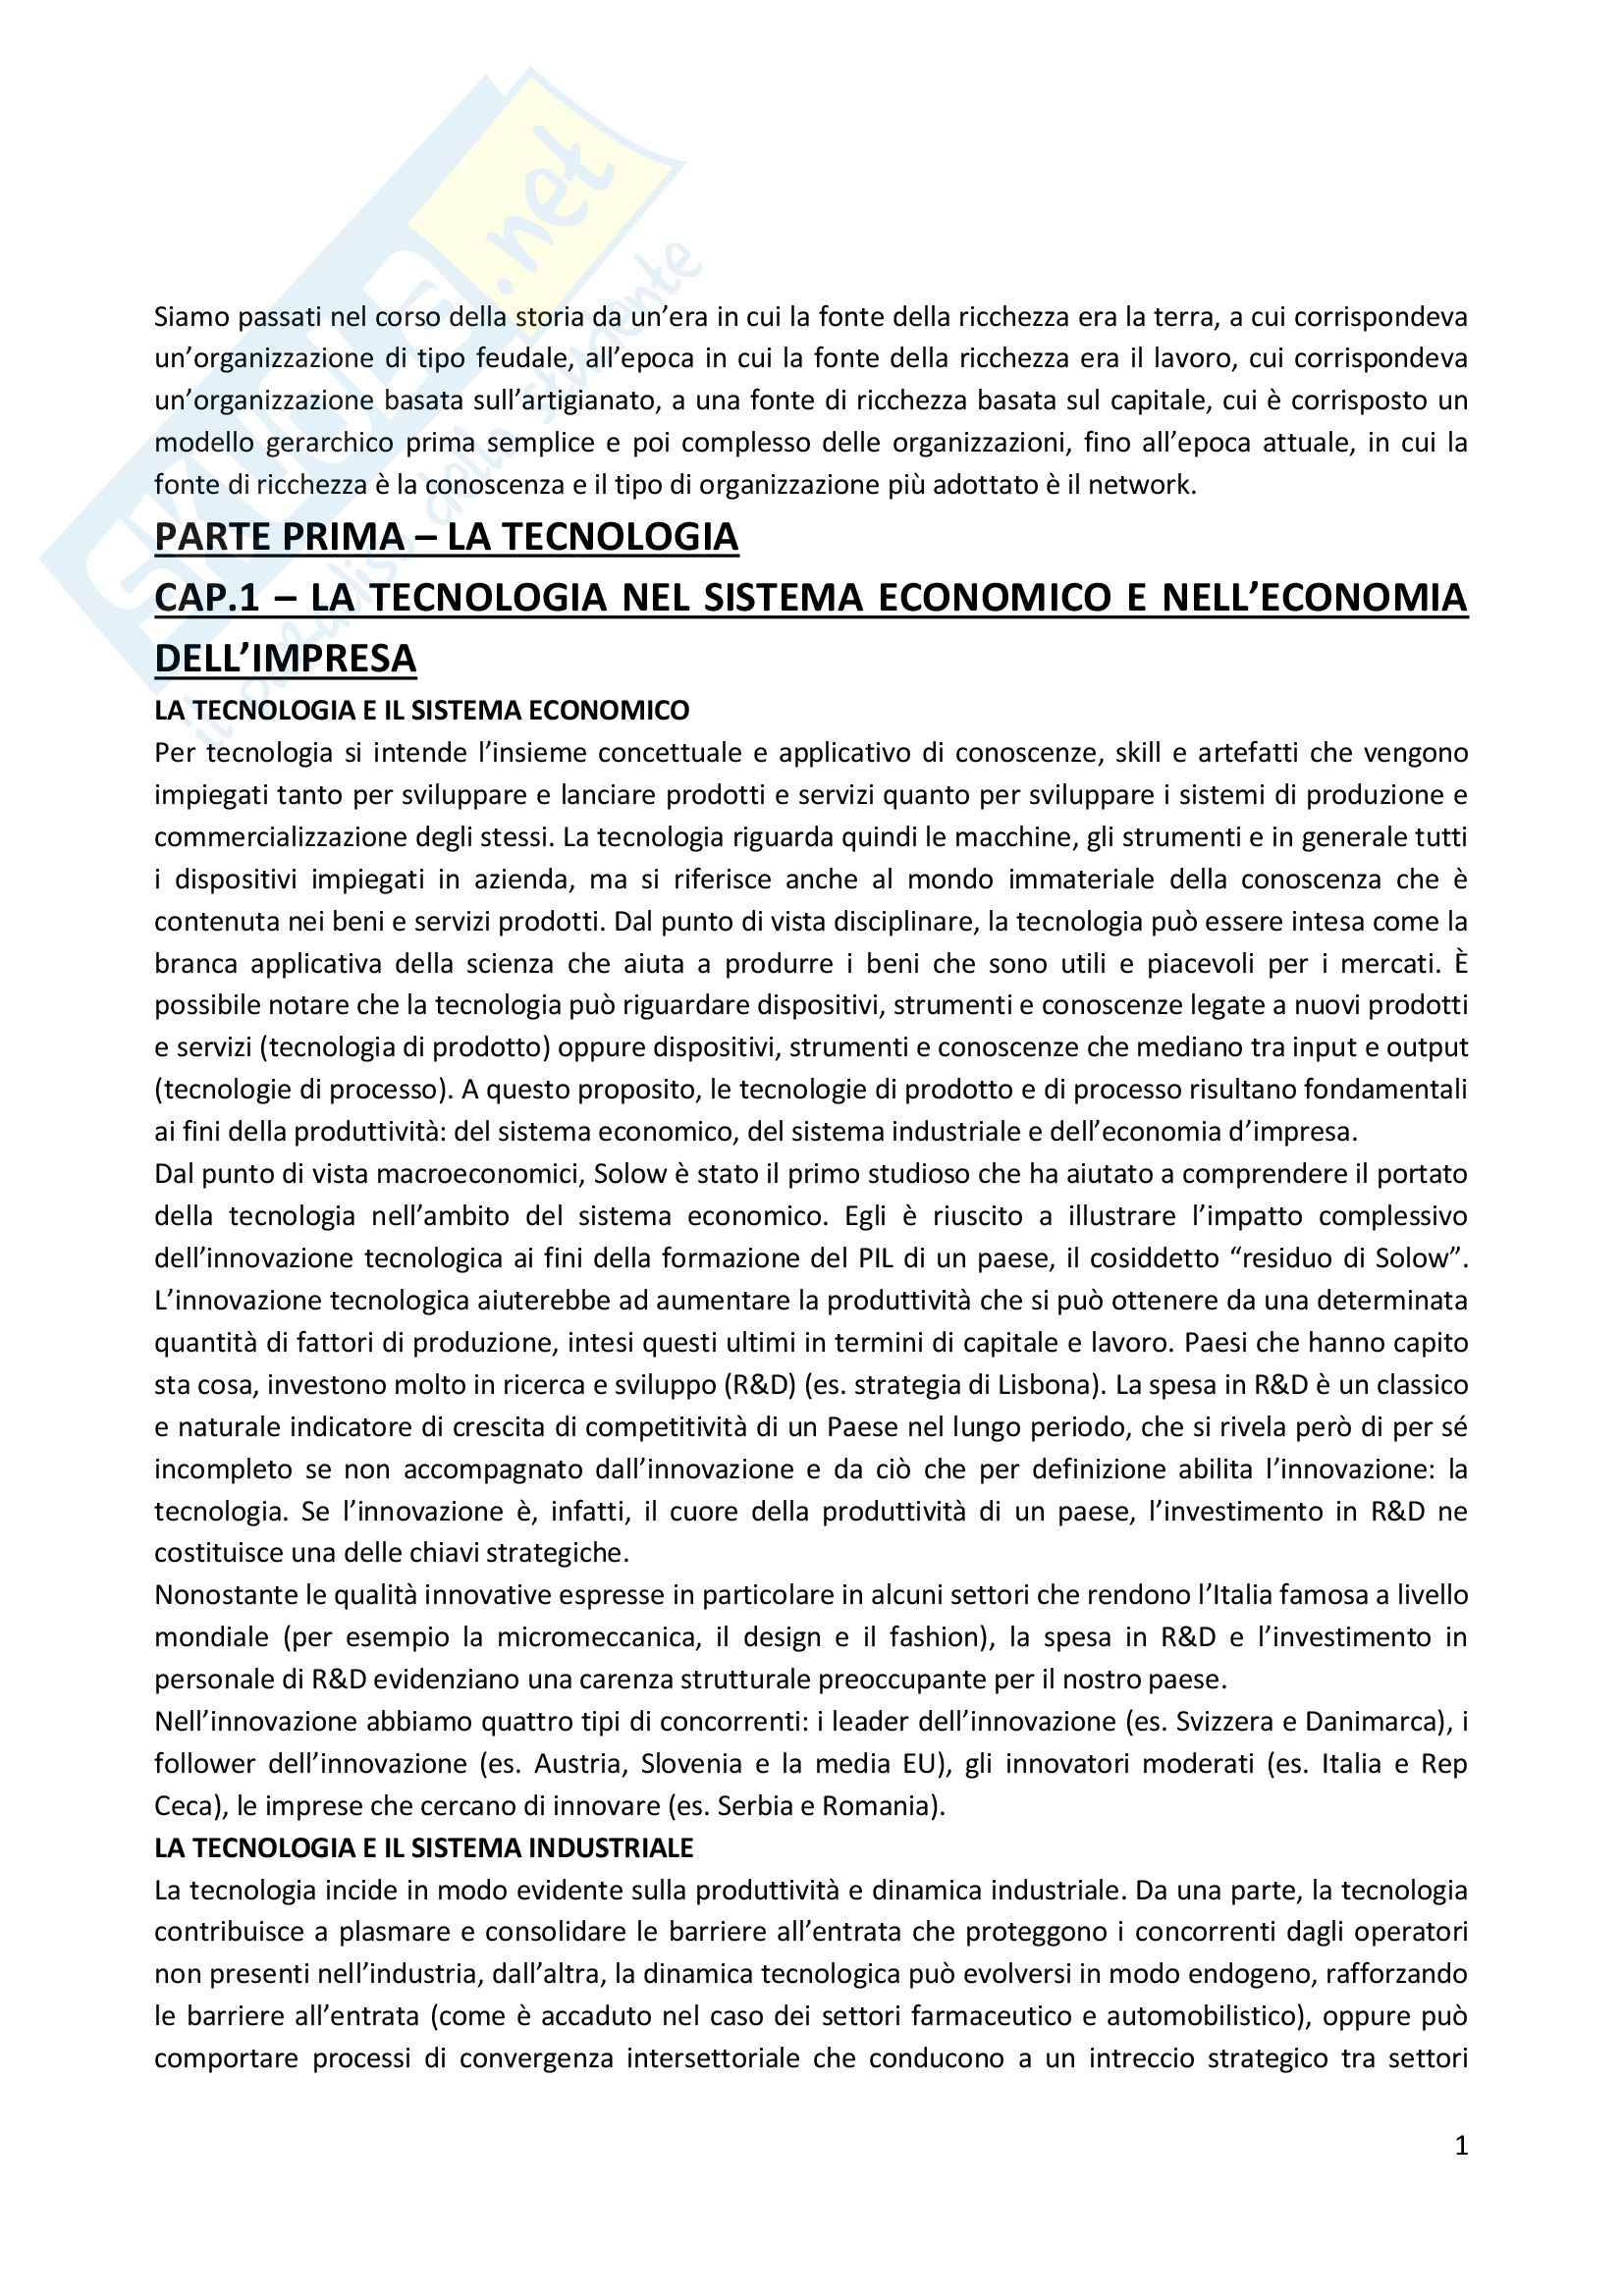 appunto S. Vicari Gestione della Tecnologia, dell'Innovazione e delle Operations